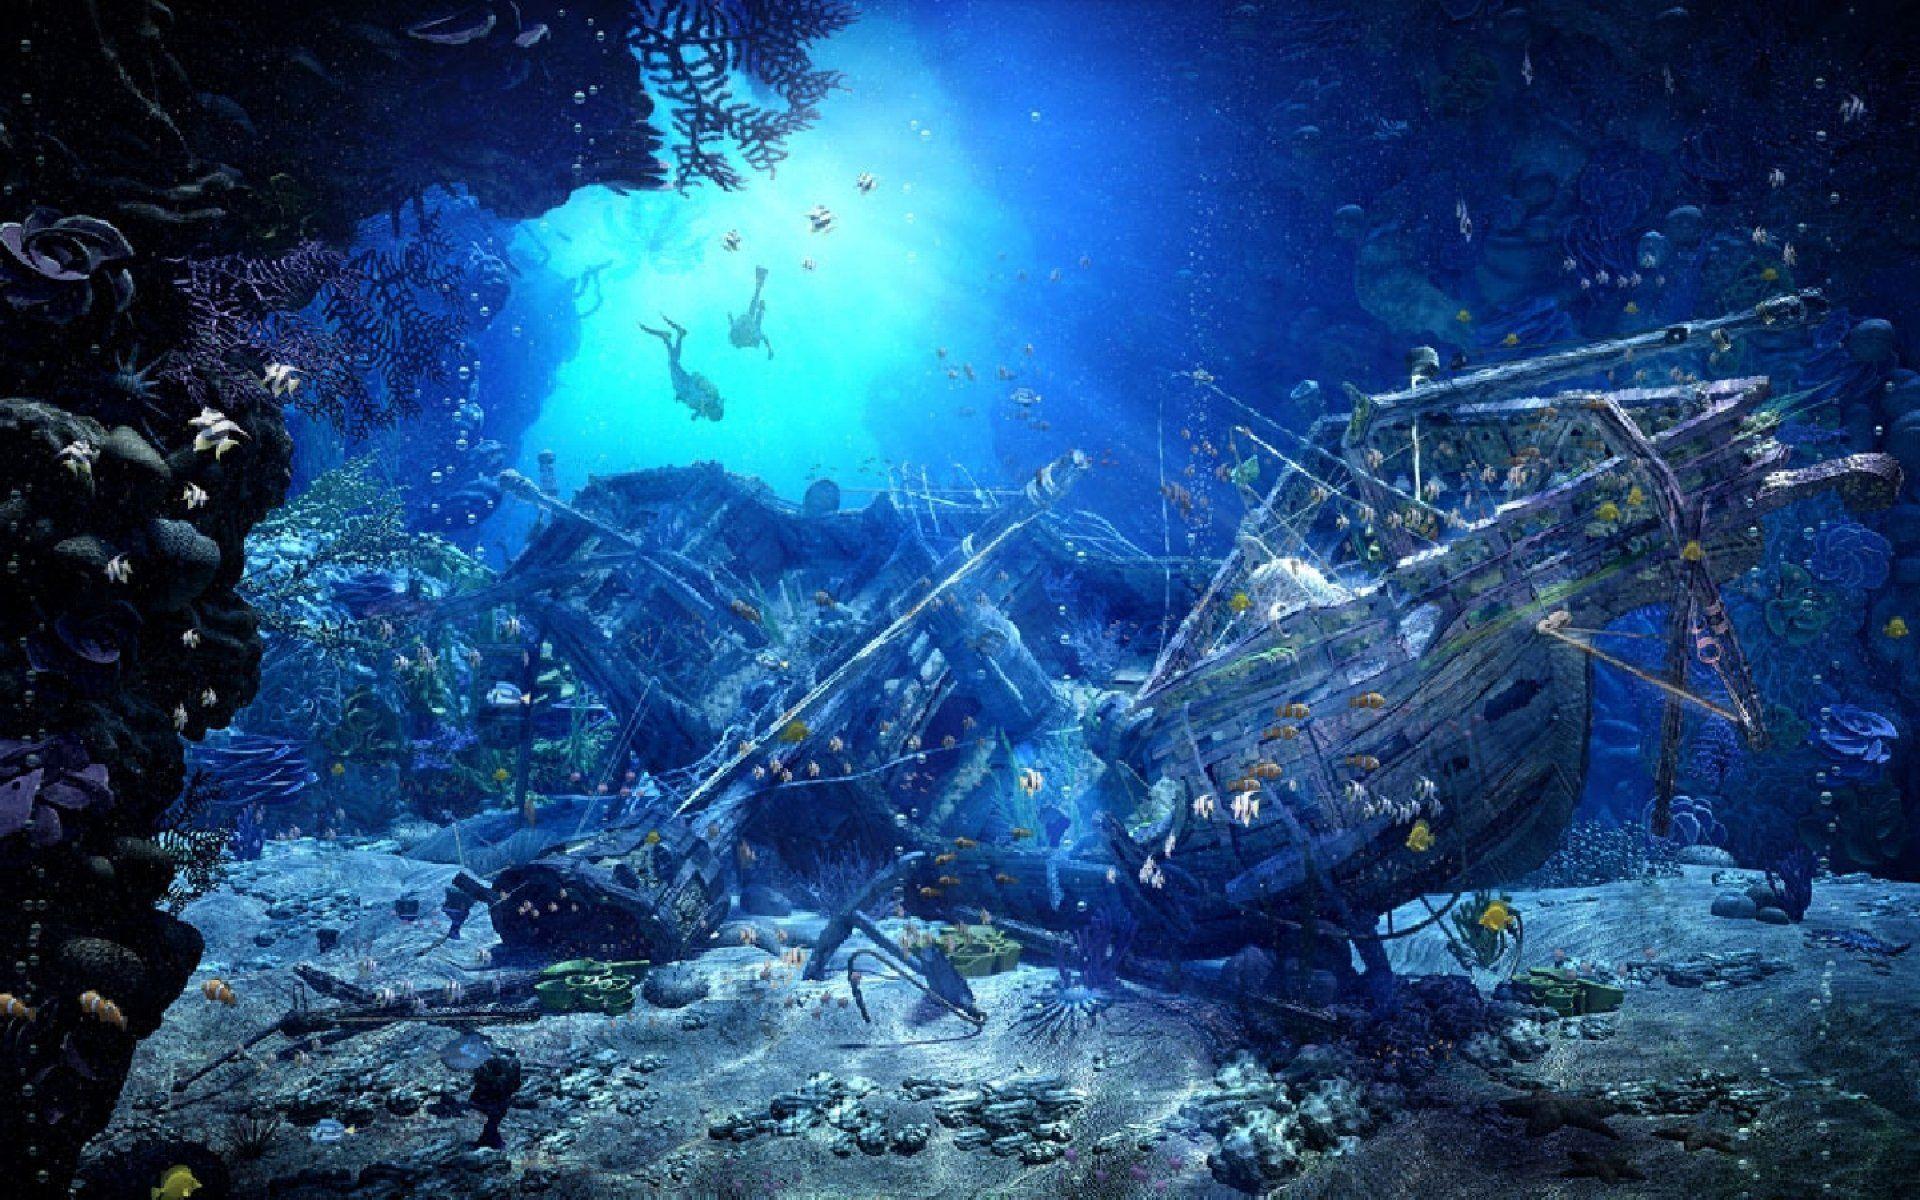 древние затонувшие корабли фото стен расставлены